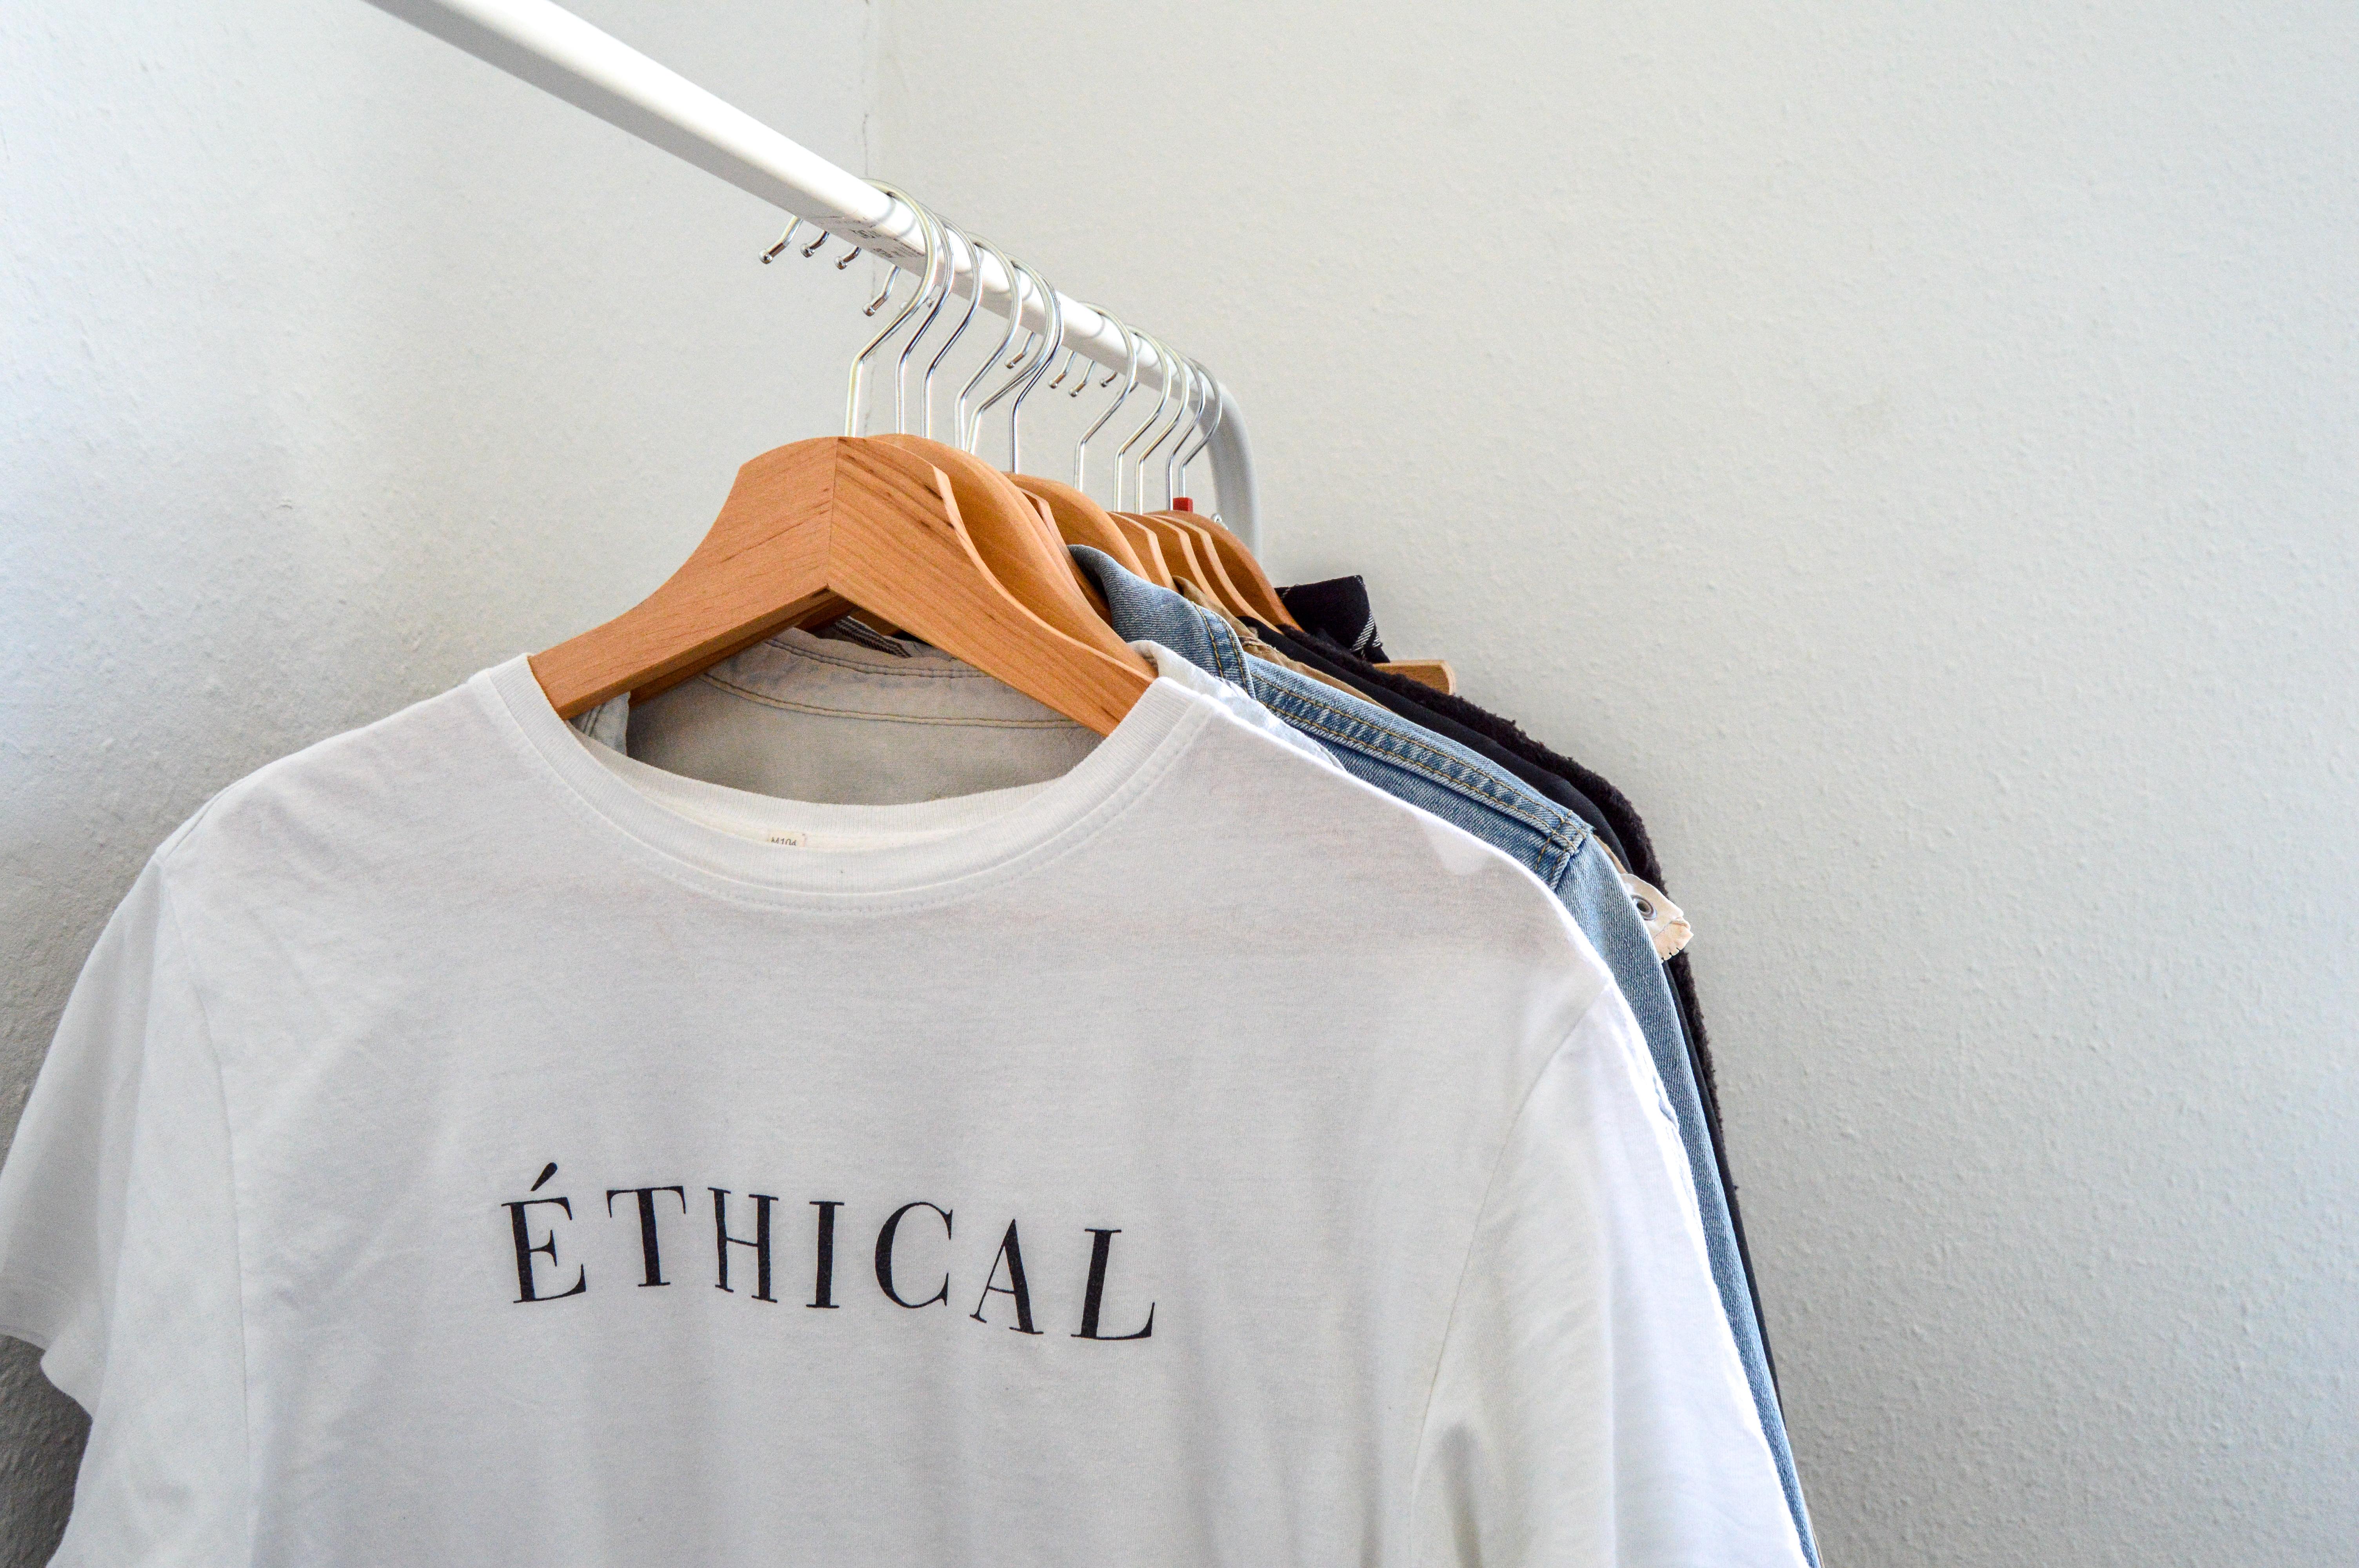 Altkleider Problematik fair fashion nachhaltigkeit